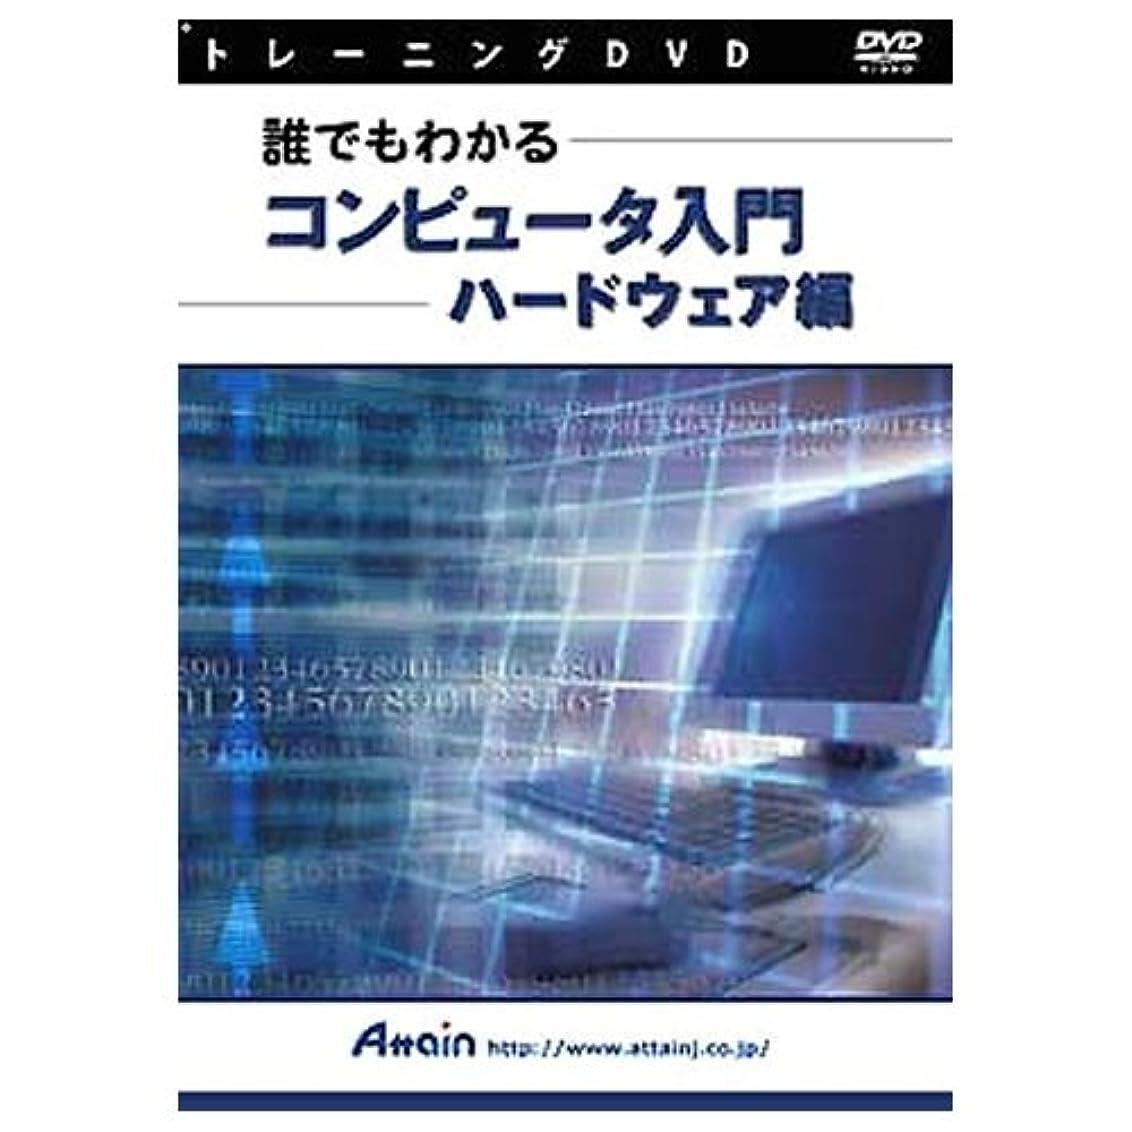 敬意茎ピストンコンピュータ入門 ハードウェア編 DVD